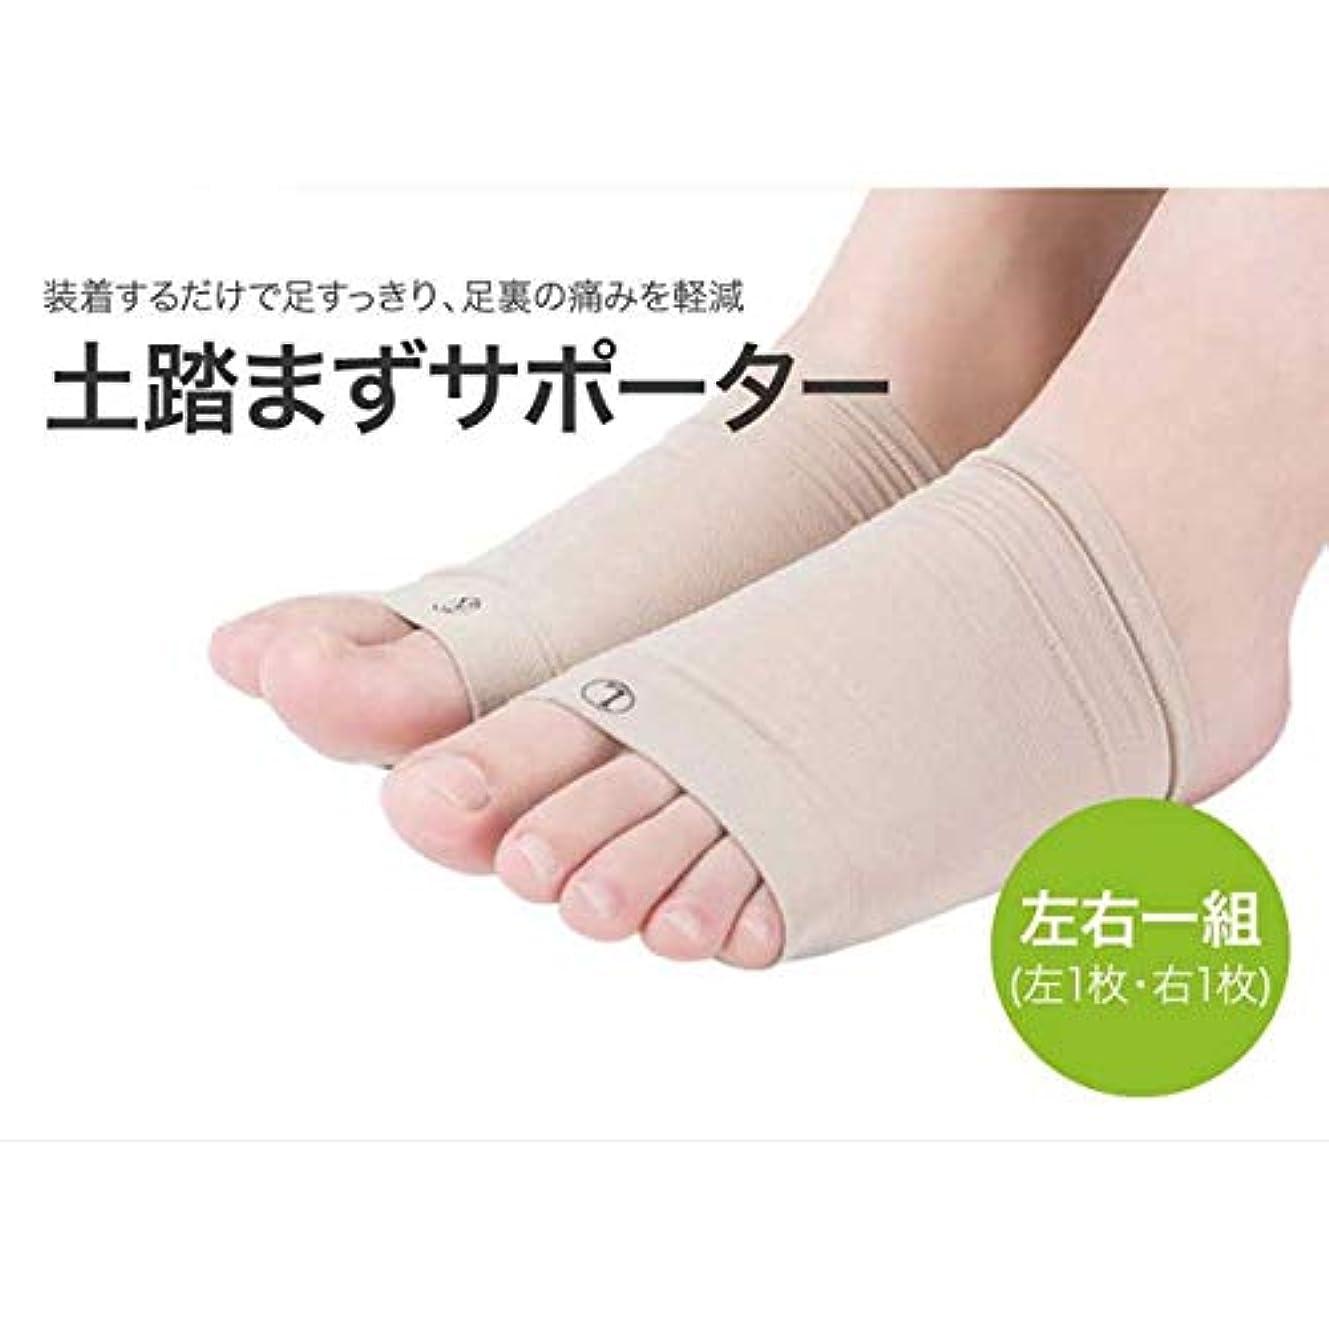 比類のない甘い補体土踏まずサポーター 左右1組セット 偏平足 シリコン 足底筋膜炎 足底腱膜炎 痛み だるさ 足底筋膜 足裏 アーチ サポート